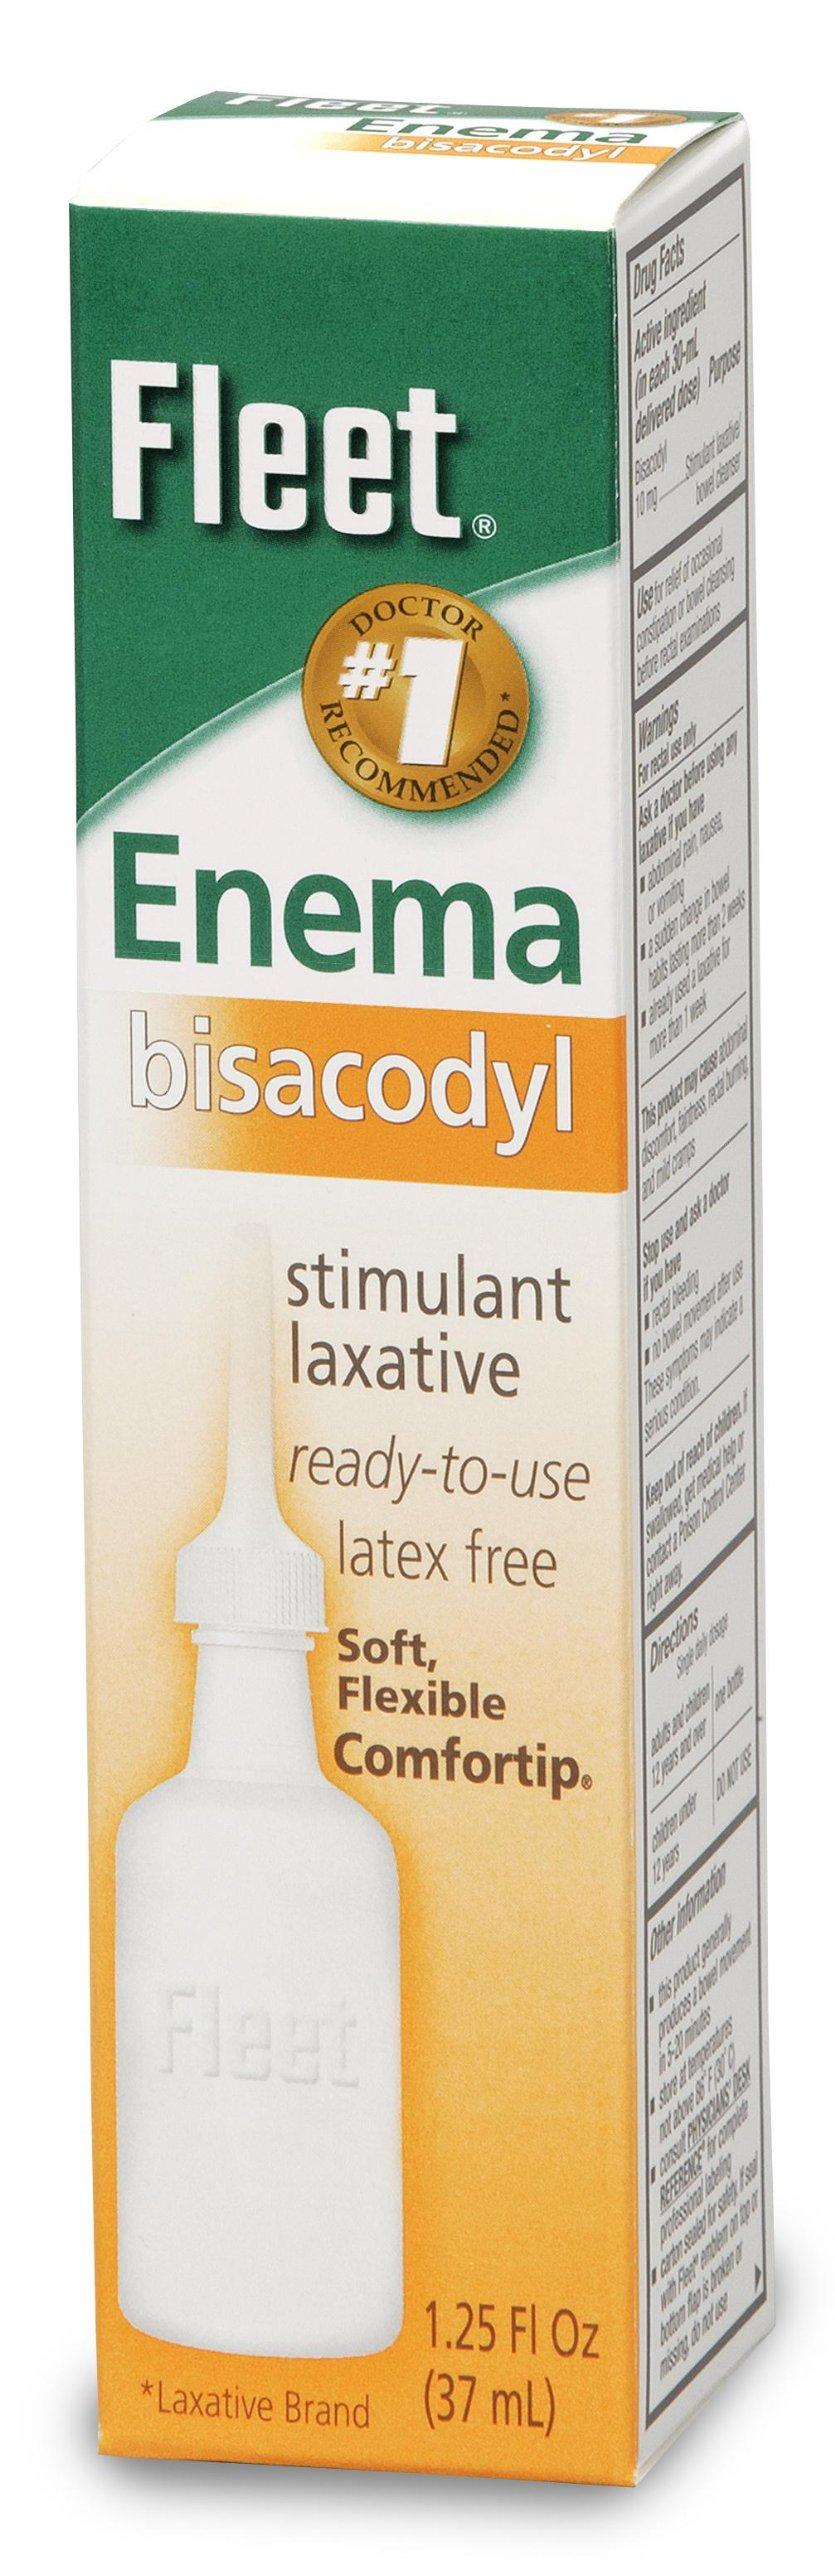 Bisacodyl Enema Case of 24 by Fleet Laboratories